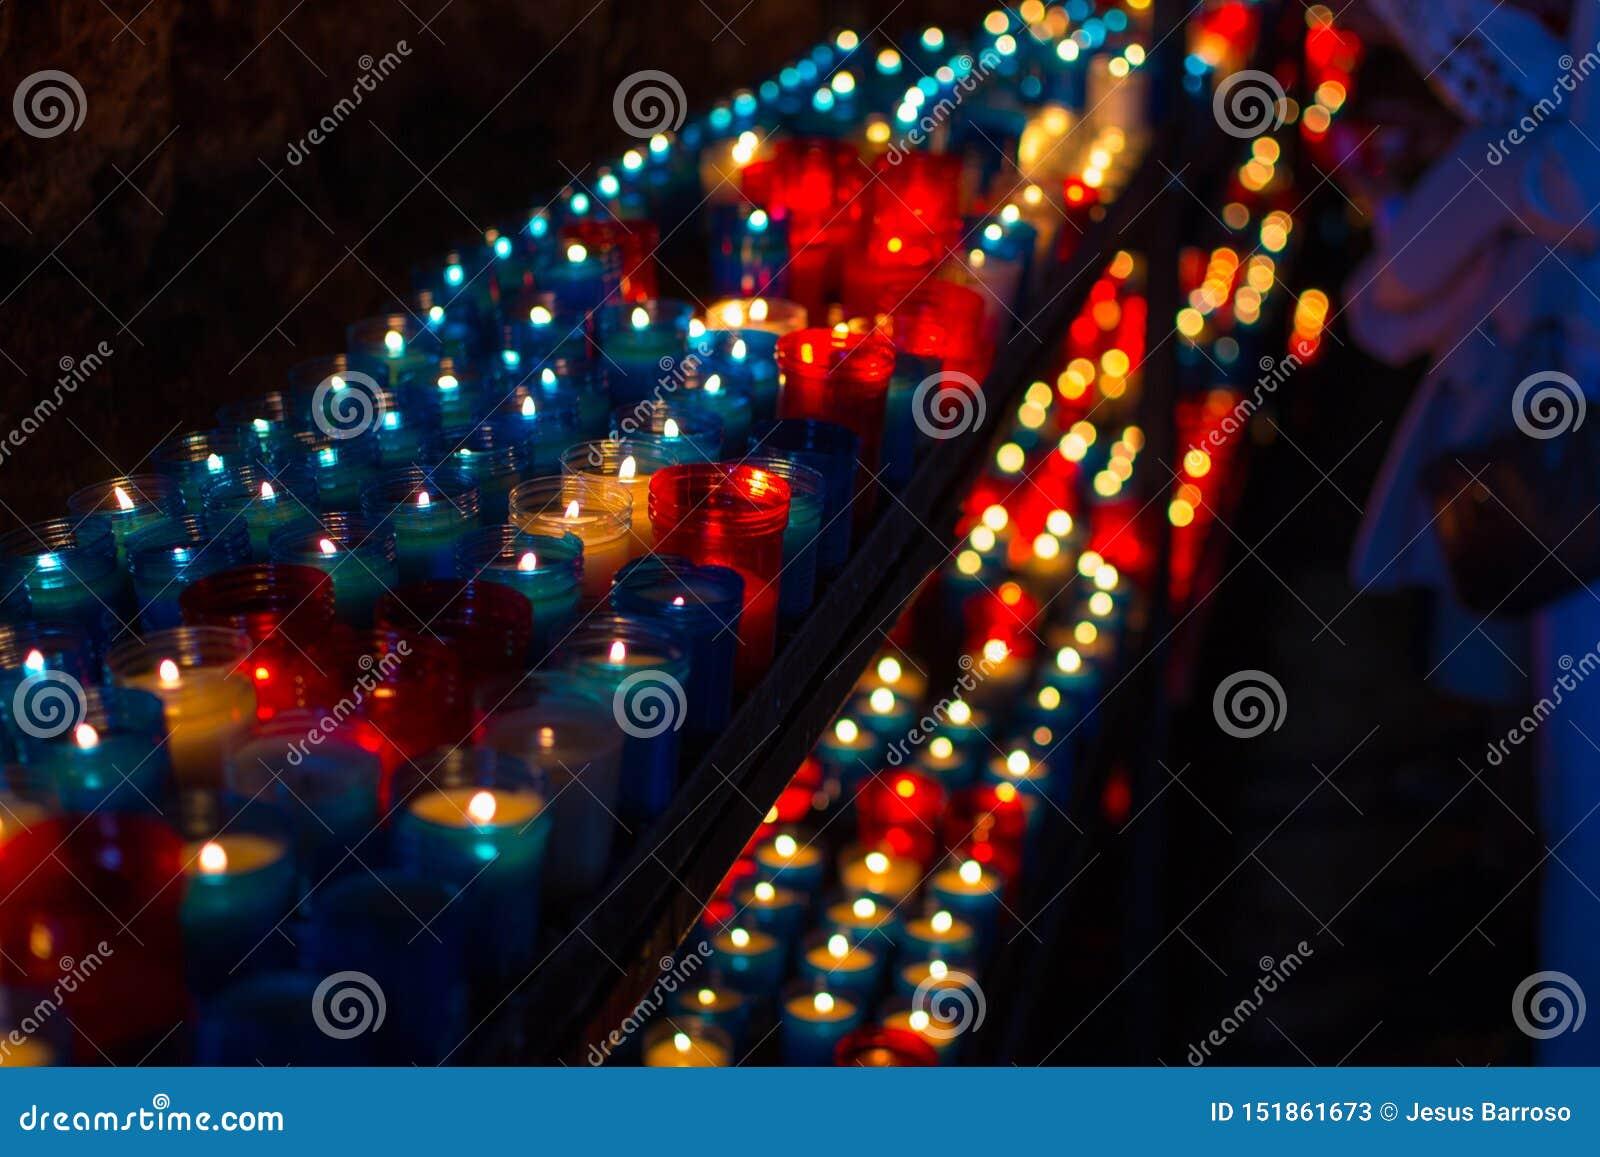 Sluit omhoog van kleurrijke kaarsen in een donkere geestelijke scène Herdenking, begrafenis, herdenkings Godsdienstige Symboliek